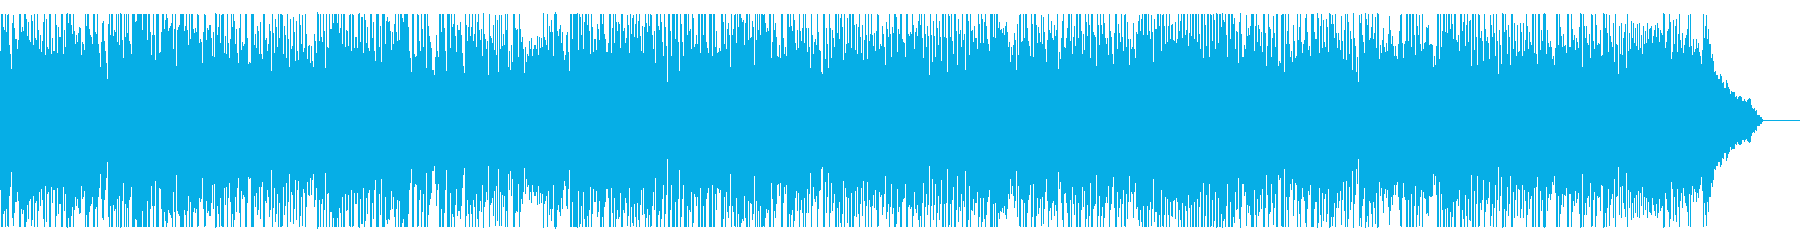 情熱的なニューオリンズ風ジャズピアノの再生済みの波形